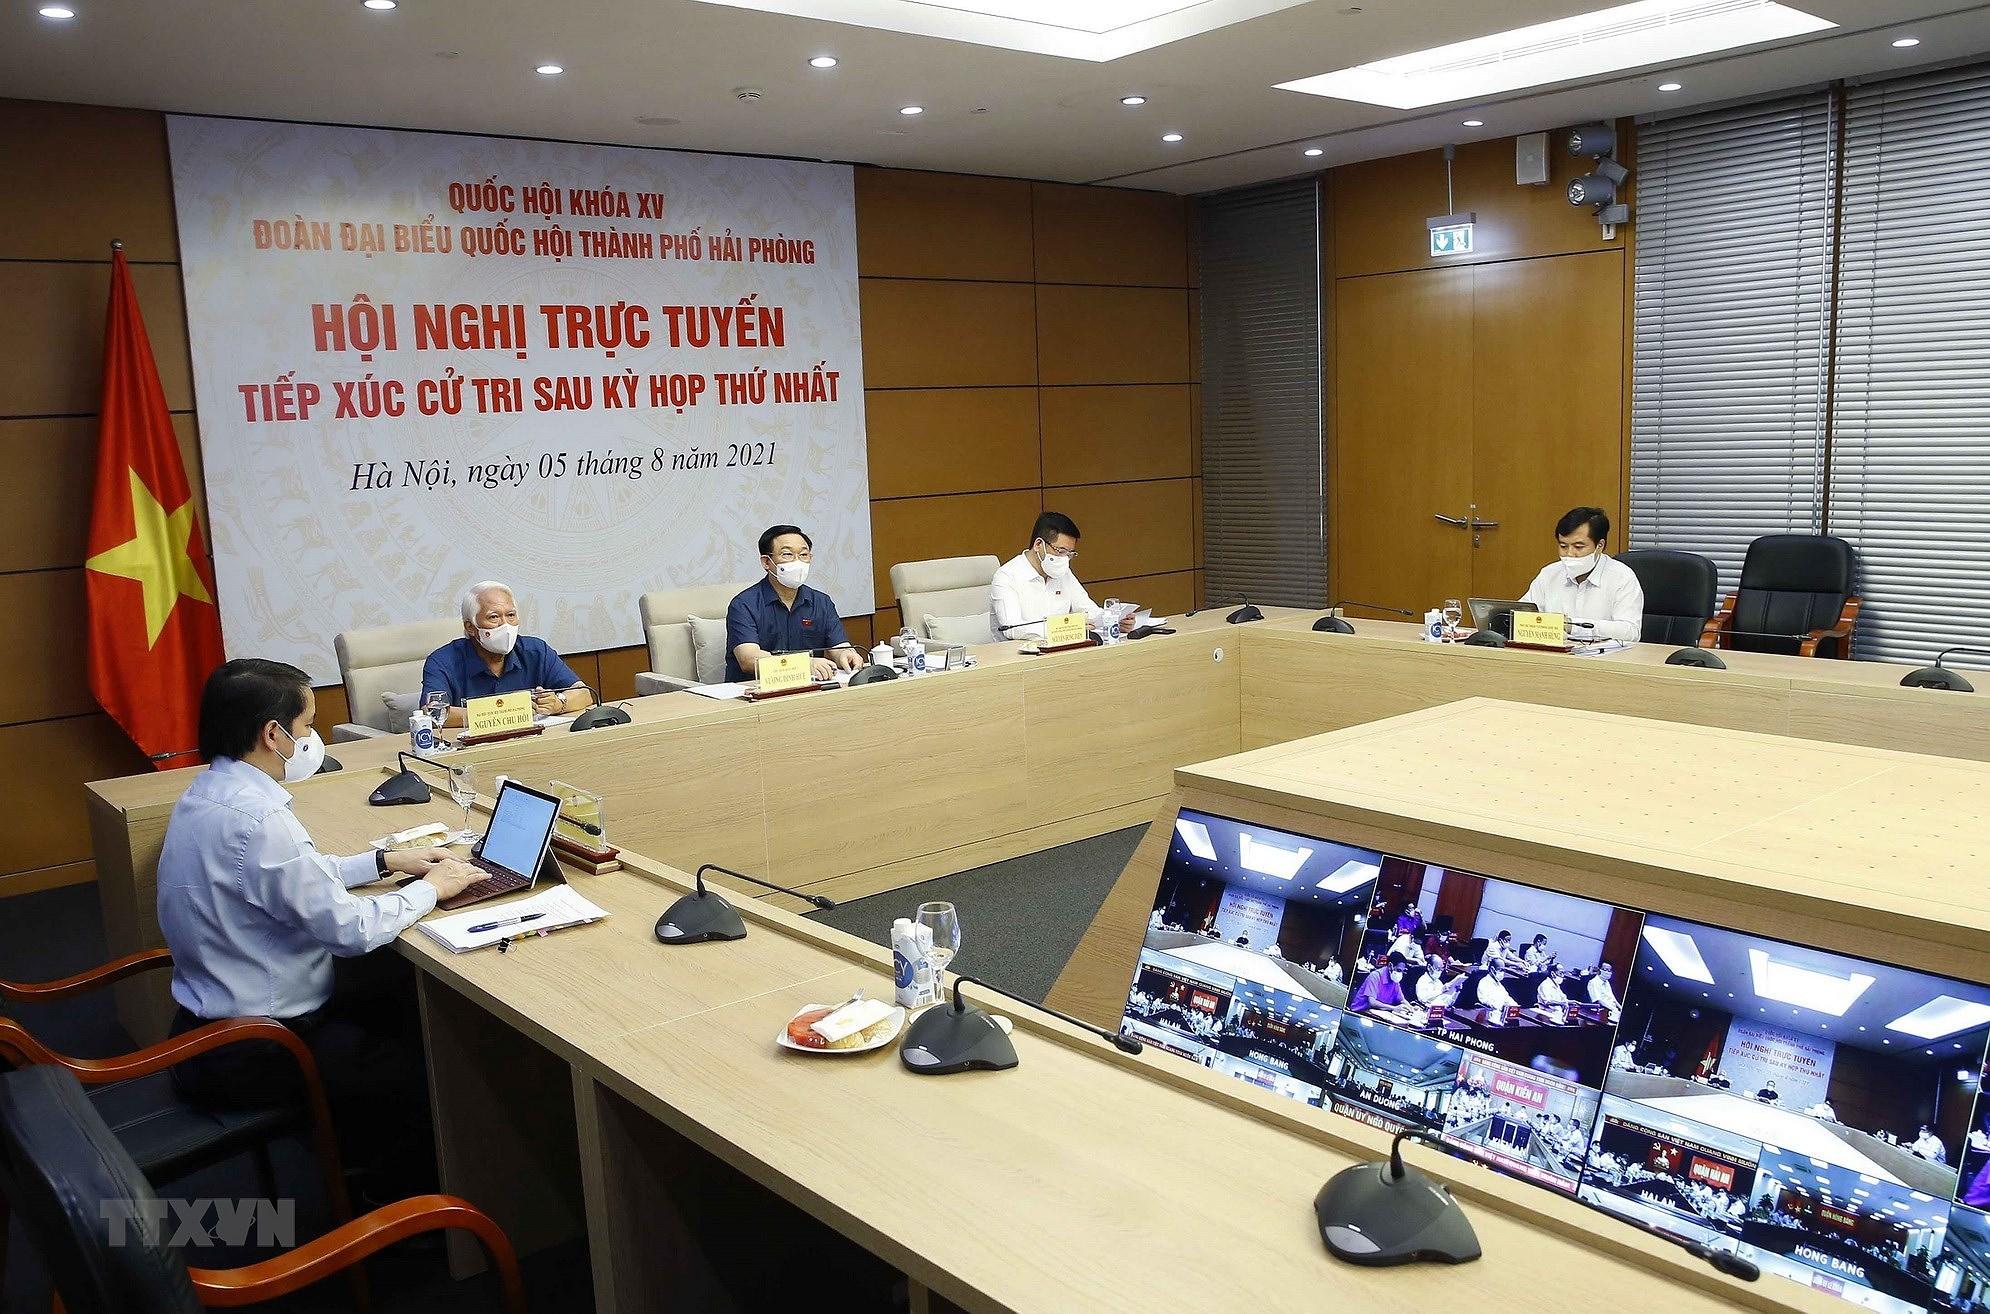 Hai Phong: Quy hoach nong thon moi phai gan voi phat trien do thi hinh anh 2